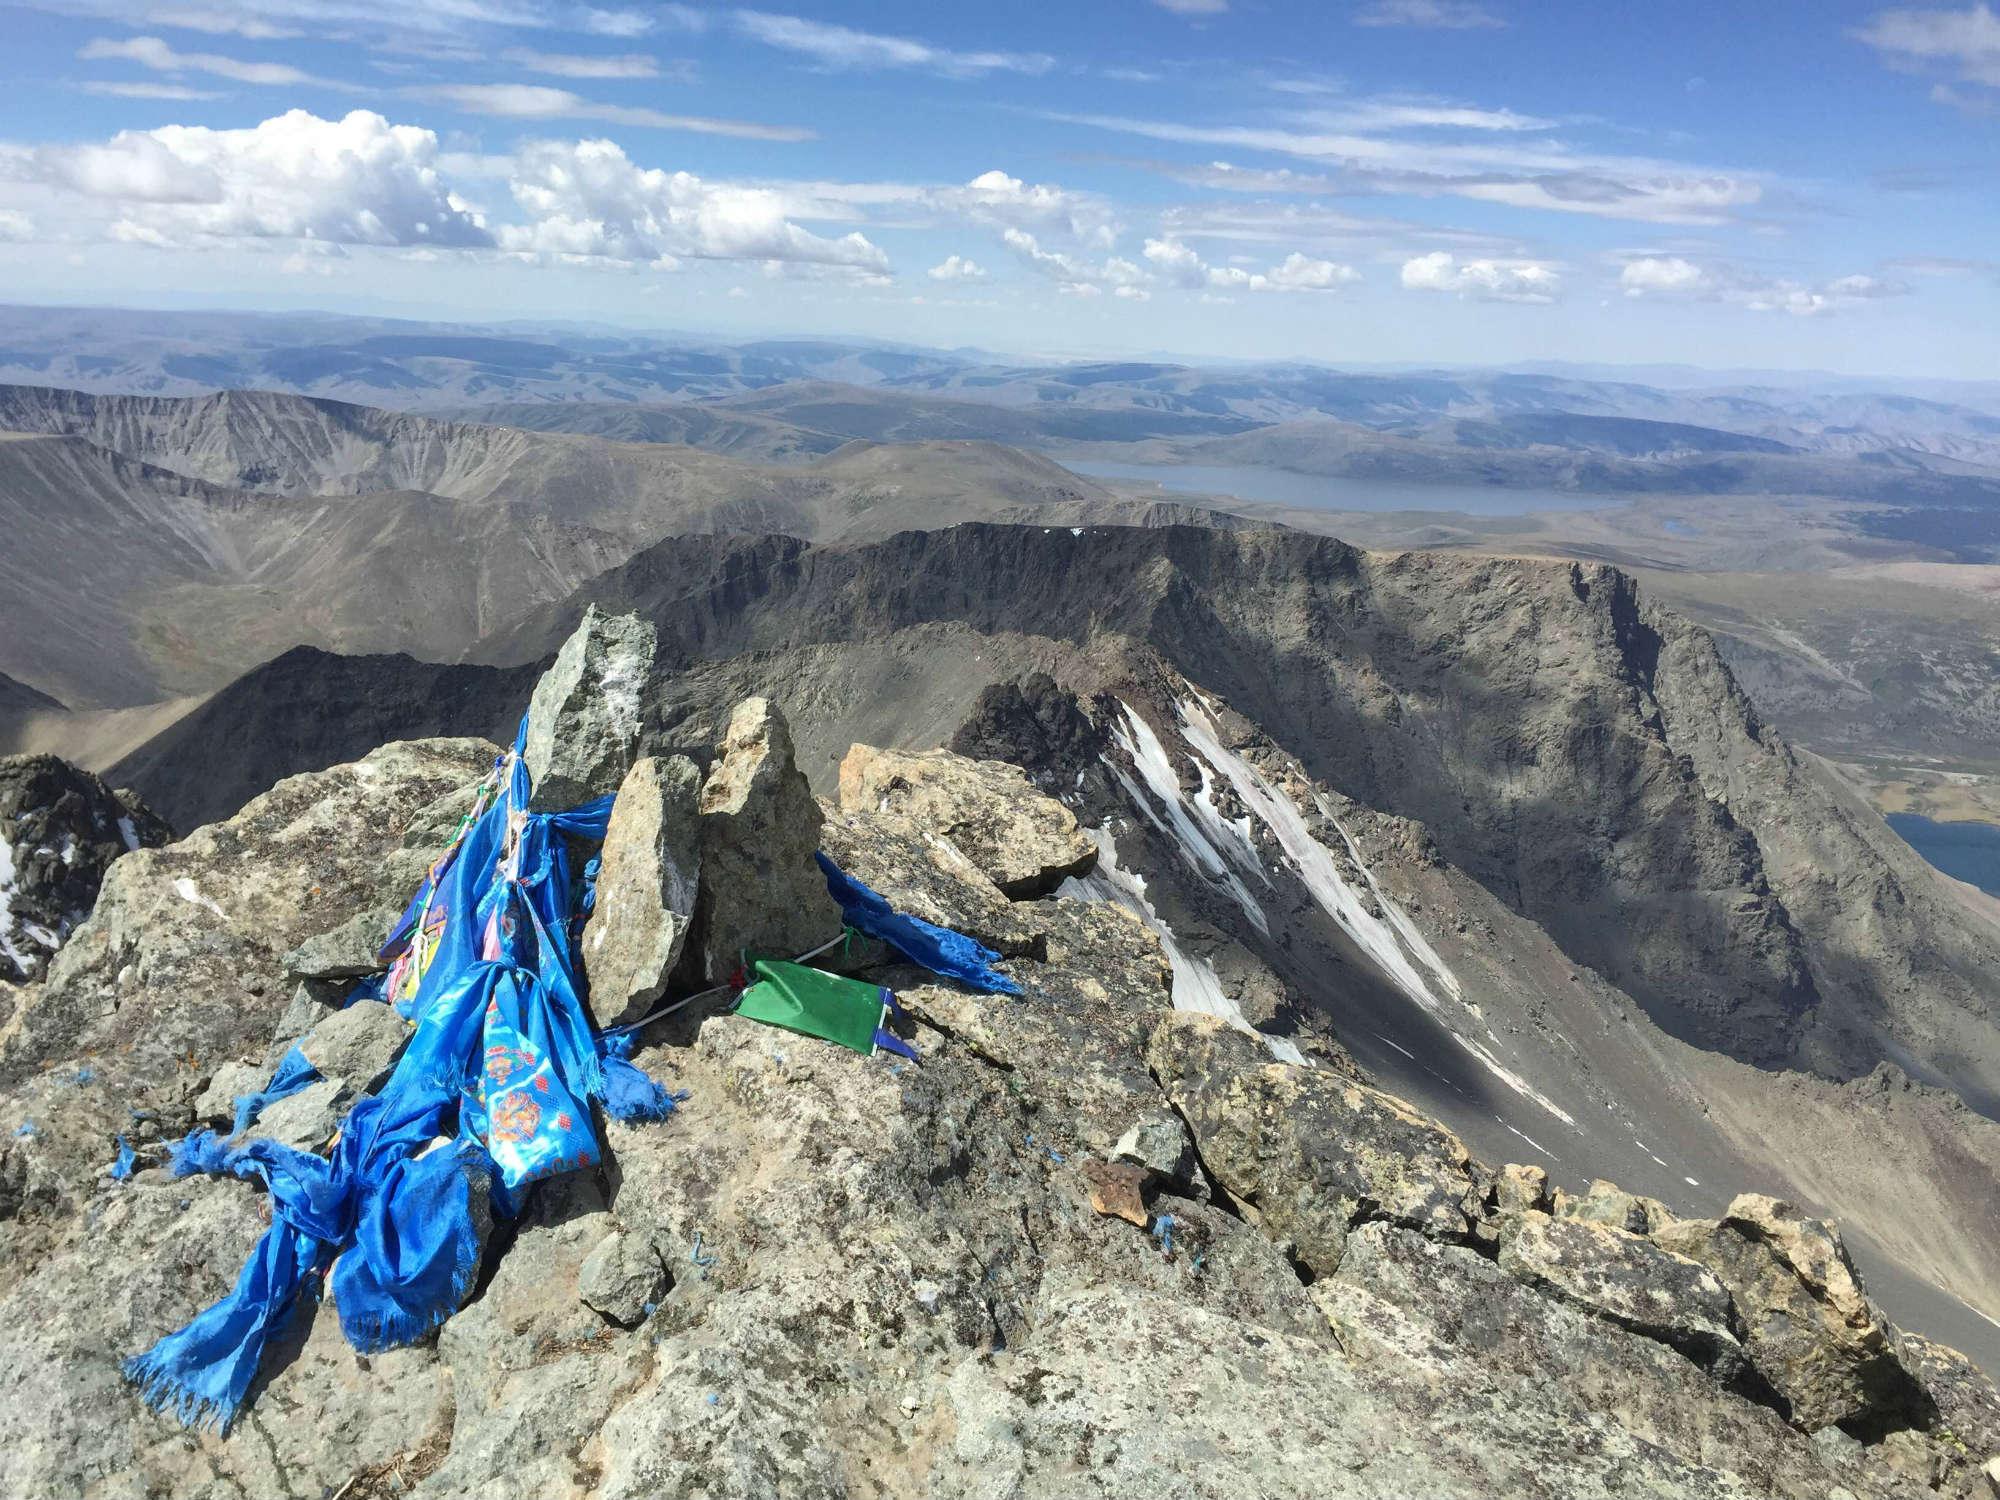 モンゴル・オトゴンテンゲル登頂8日間